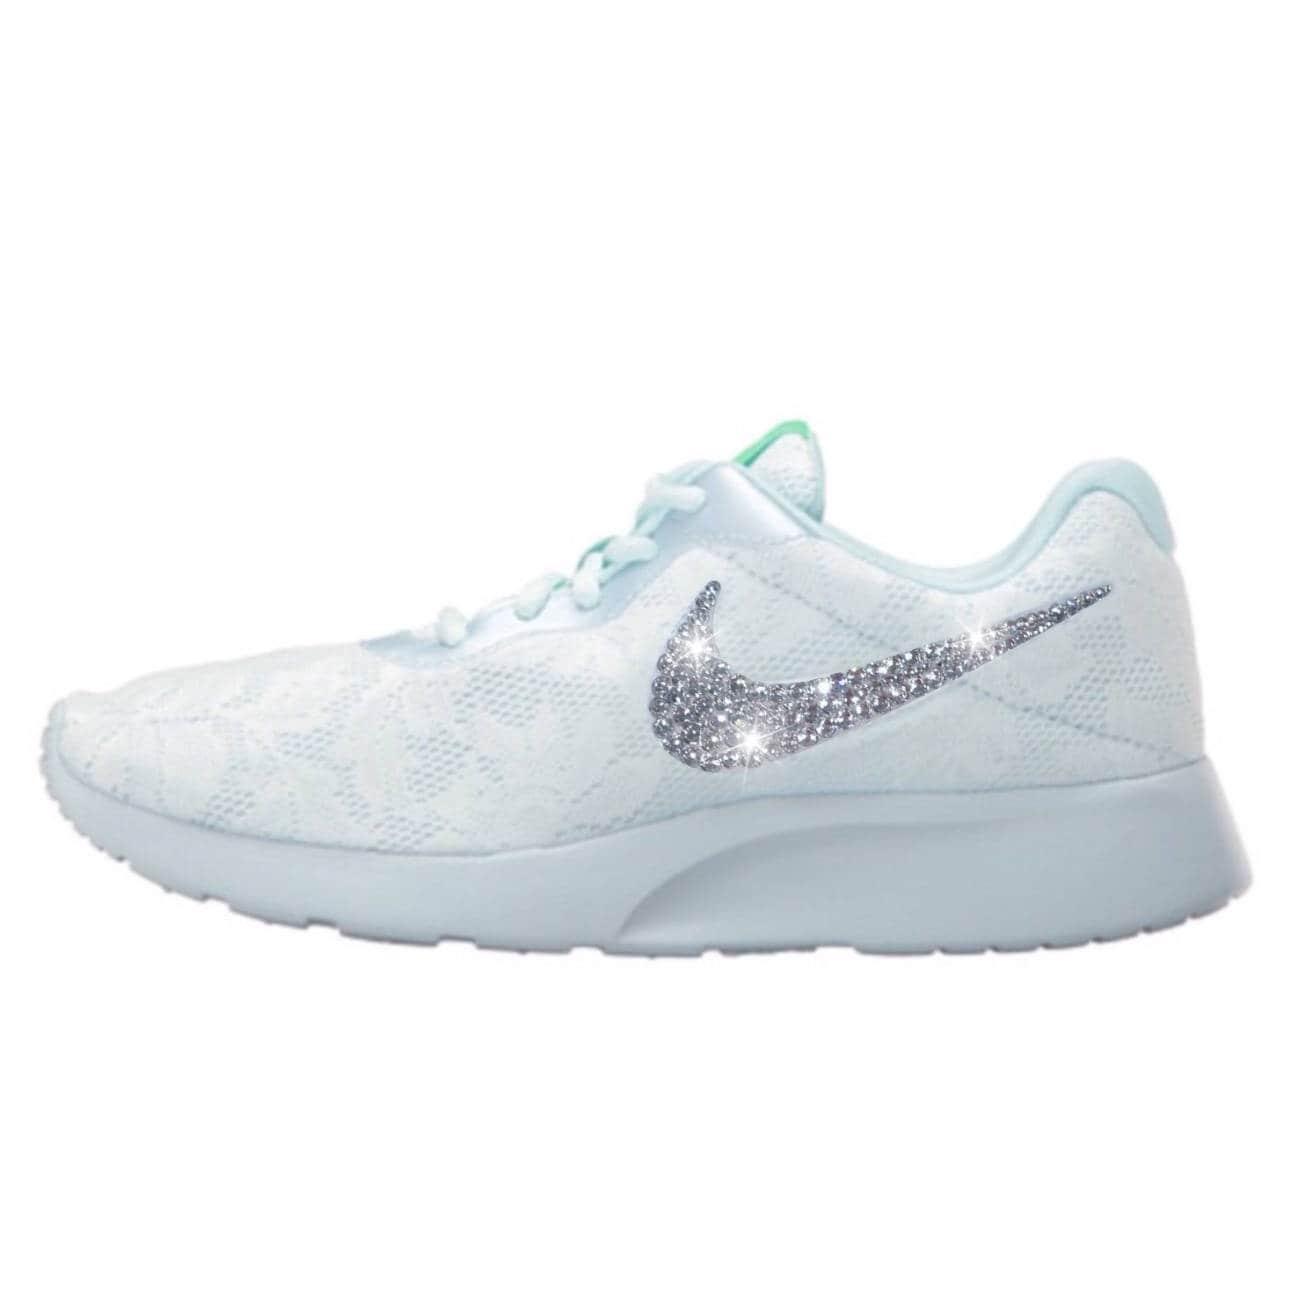 bling bling bling nike tanjun eng chaussures avec cristaux swarovski bleu et blanc glacier dentelle | Exquis (en) Exécution  cc0f8c